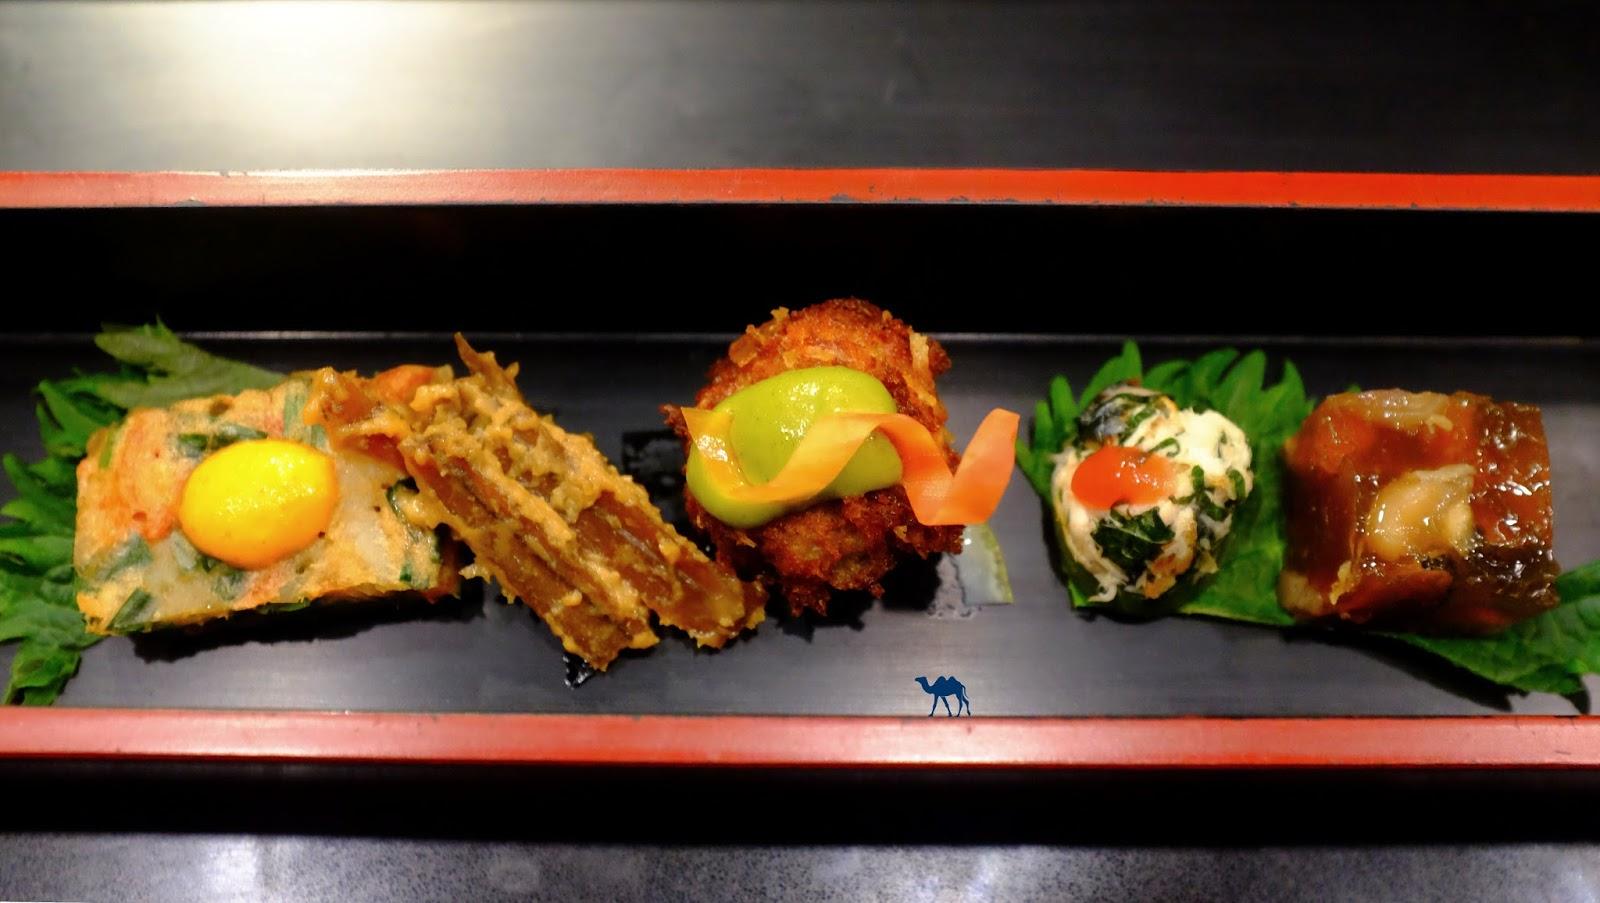 Le Chameau Bleu - Petites bouchées du restaurant gastronomique Guilo Guilo